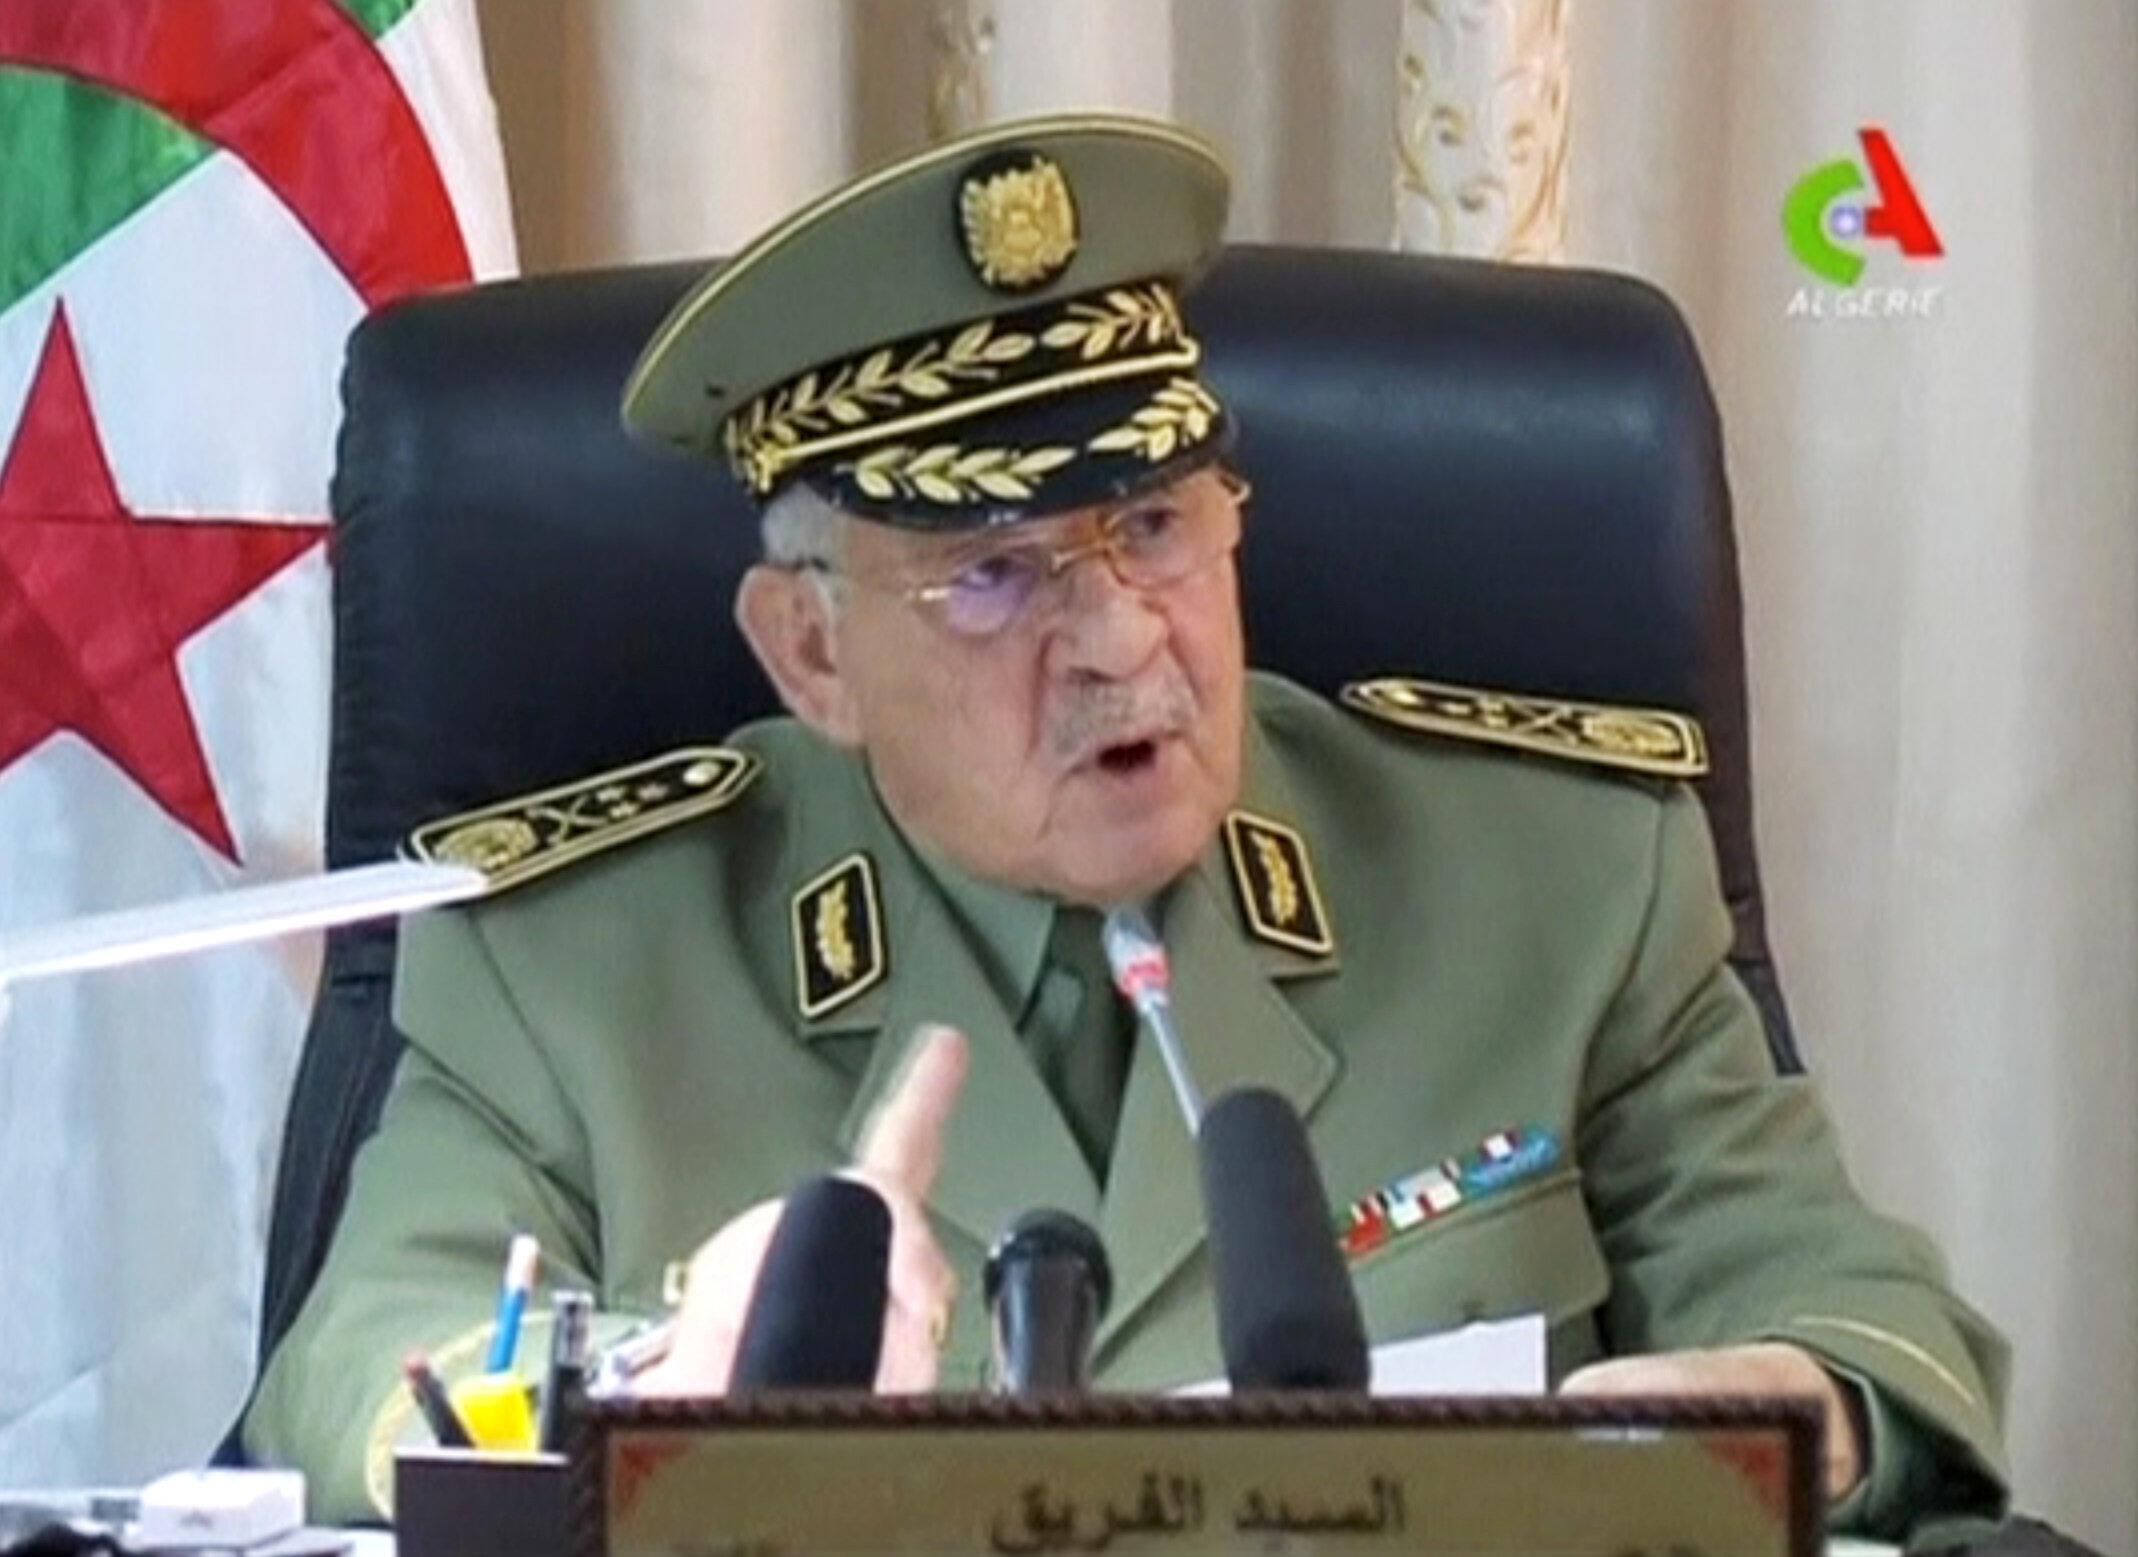 Avec le limogeage du général Tartag, l'intégralité des renseignements algériens tombe entre les mains de Ahmed Gaïd Salah, le chef d'état-major (photo).